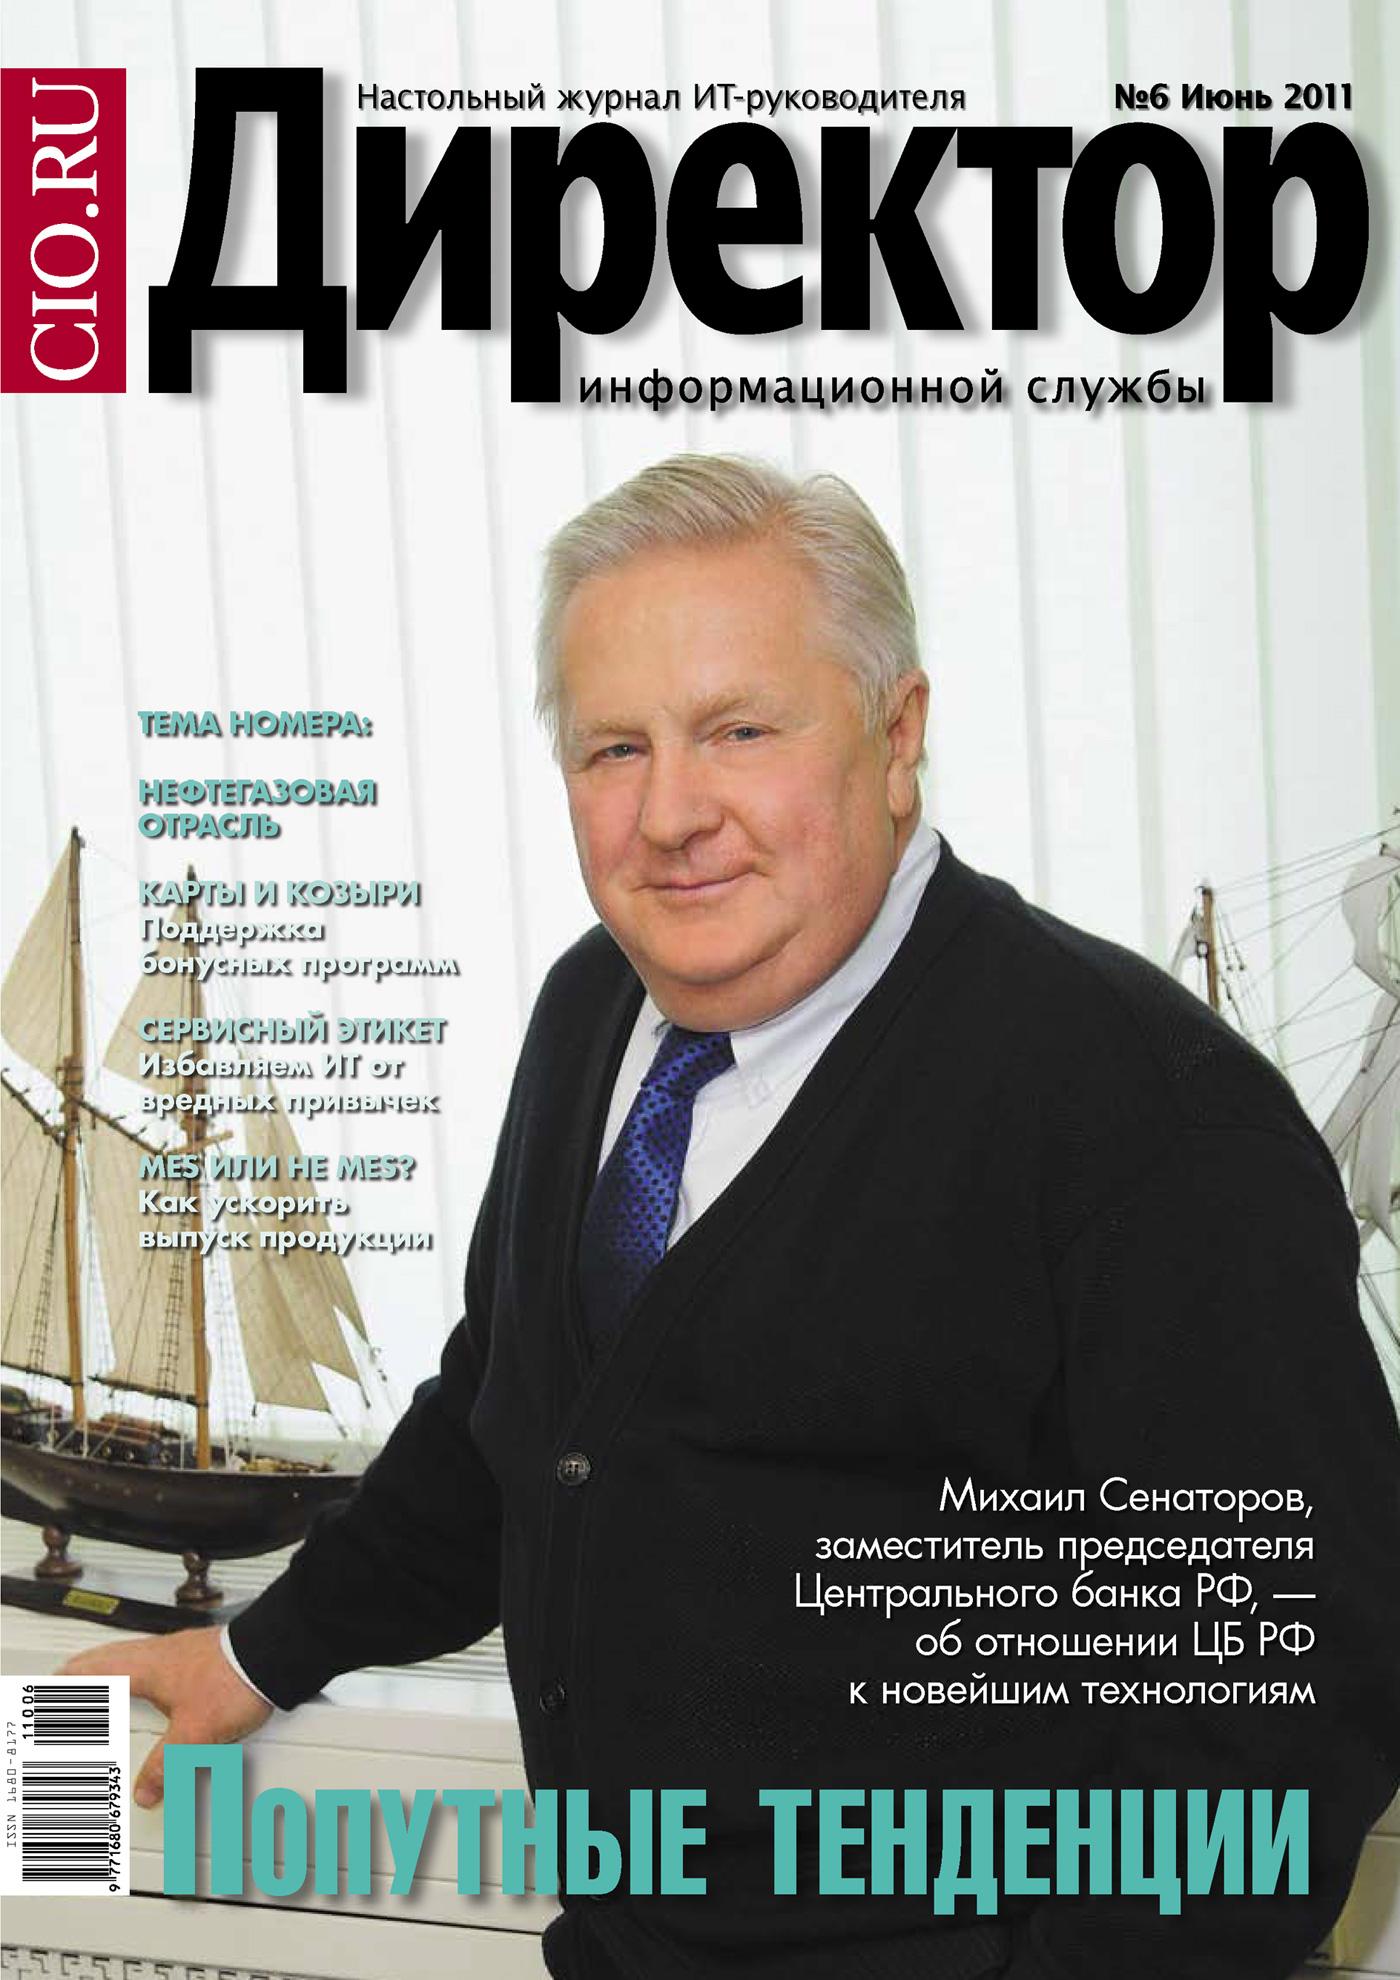 Директор информационной службы №06/2011